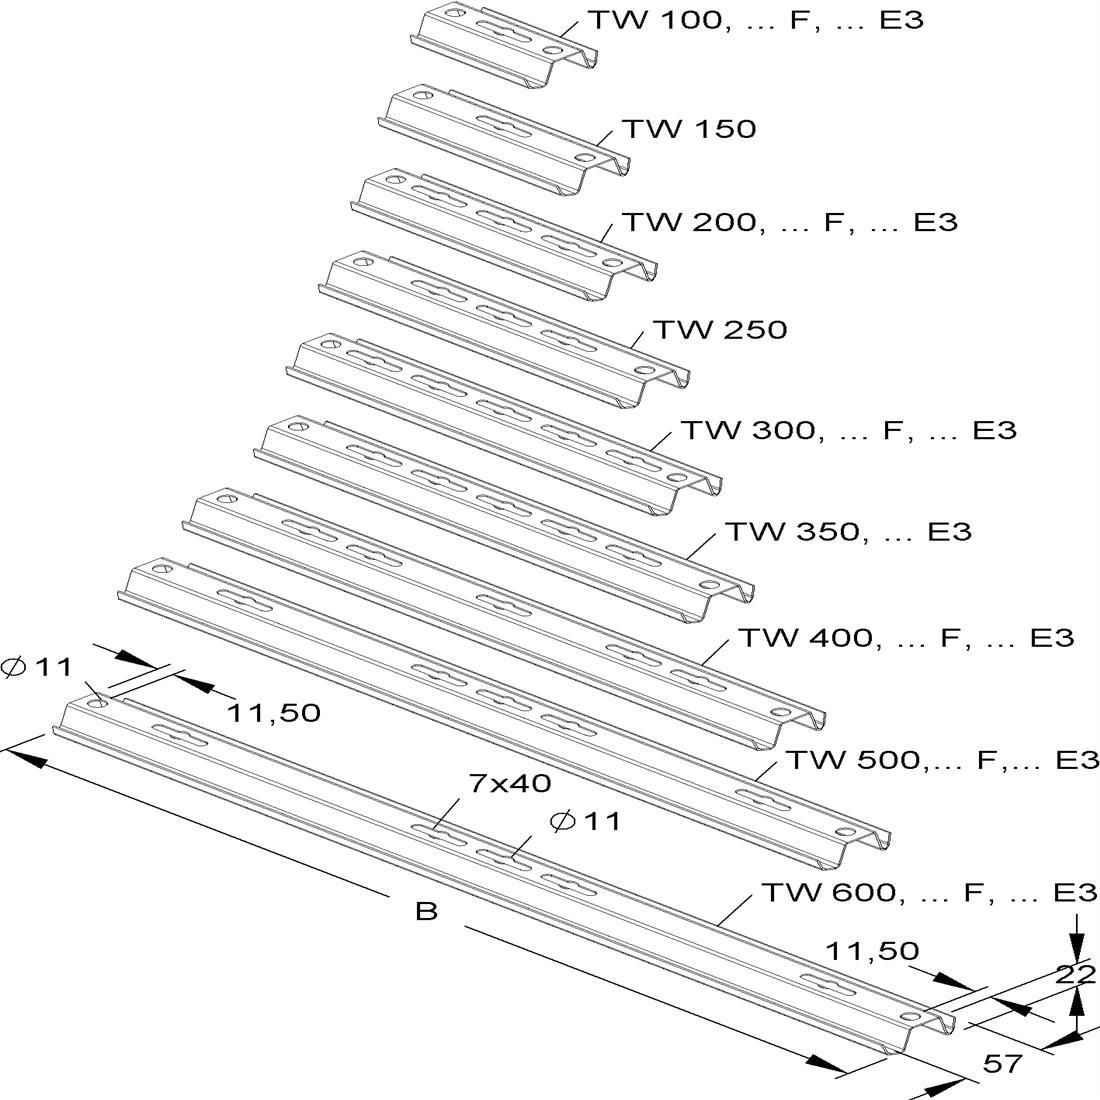 Niedax Kleinhuis kabelgoot ophangrail voor 400 mm breed TW400